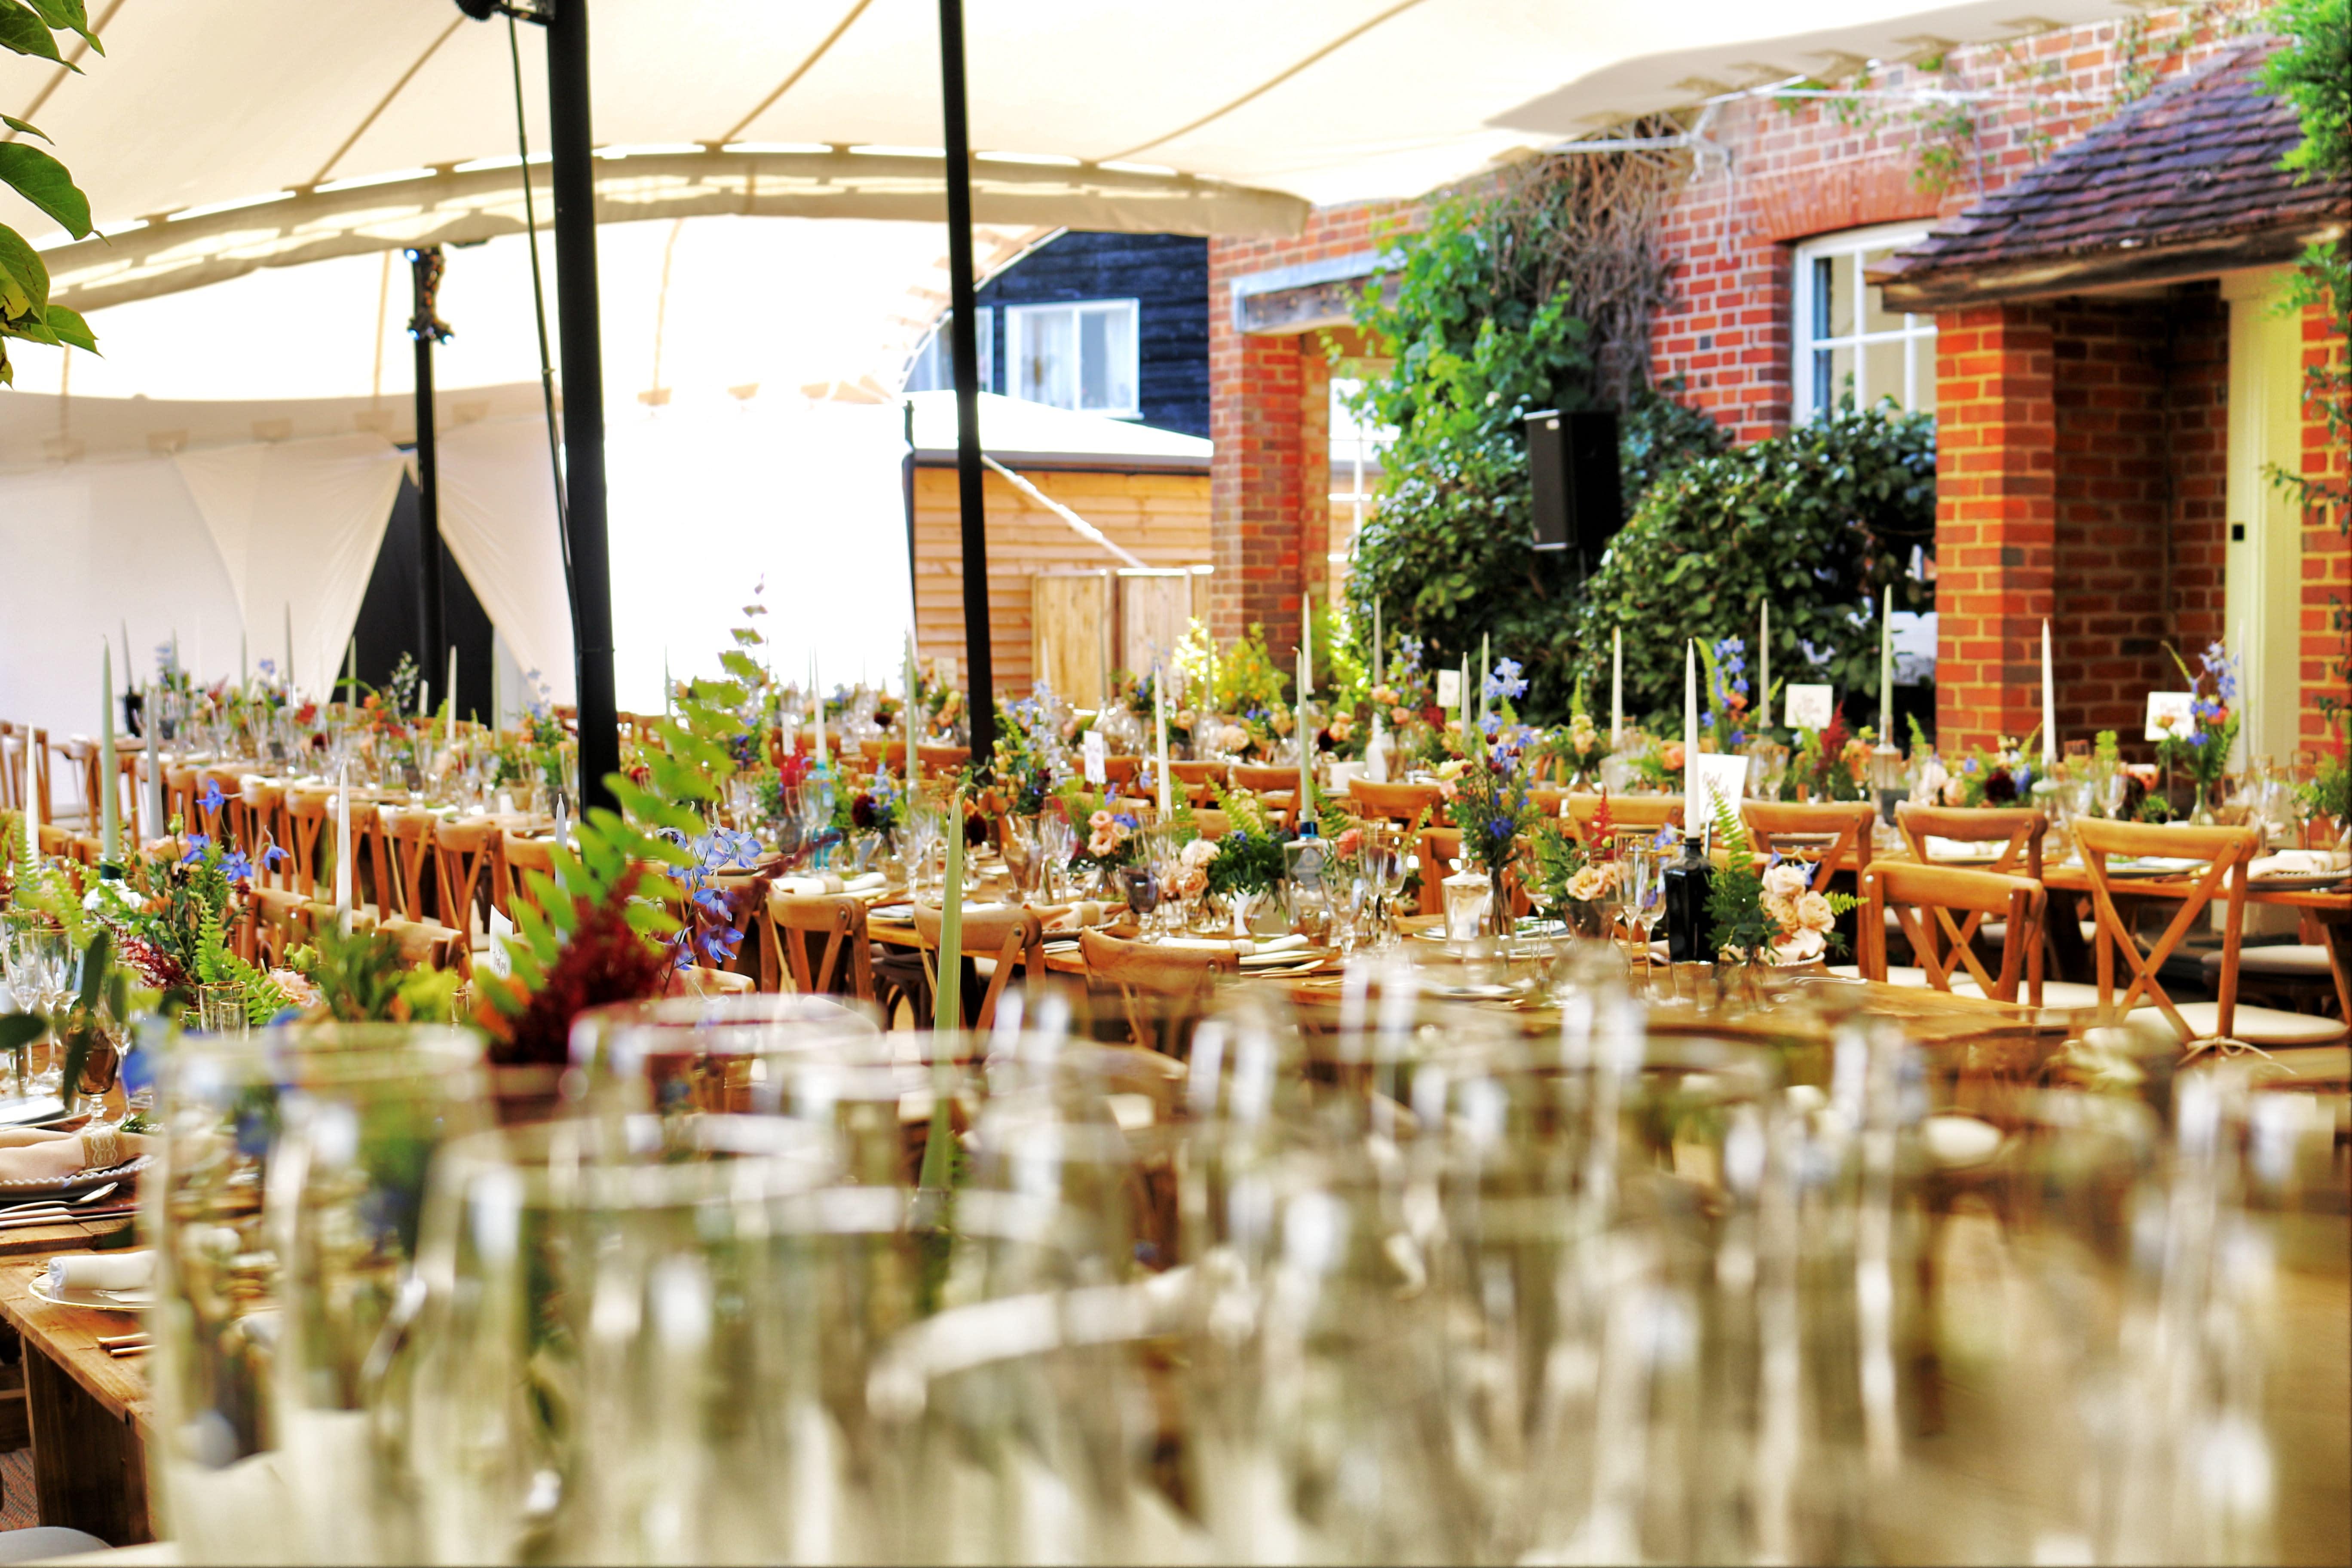 A photo of a plant arrangement facility